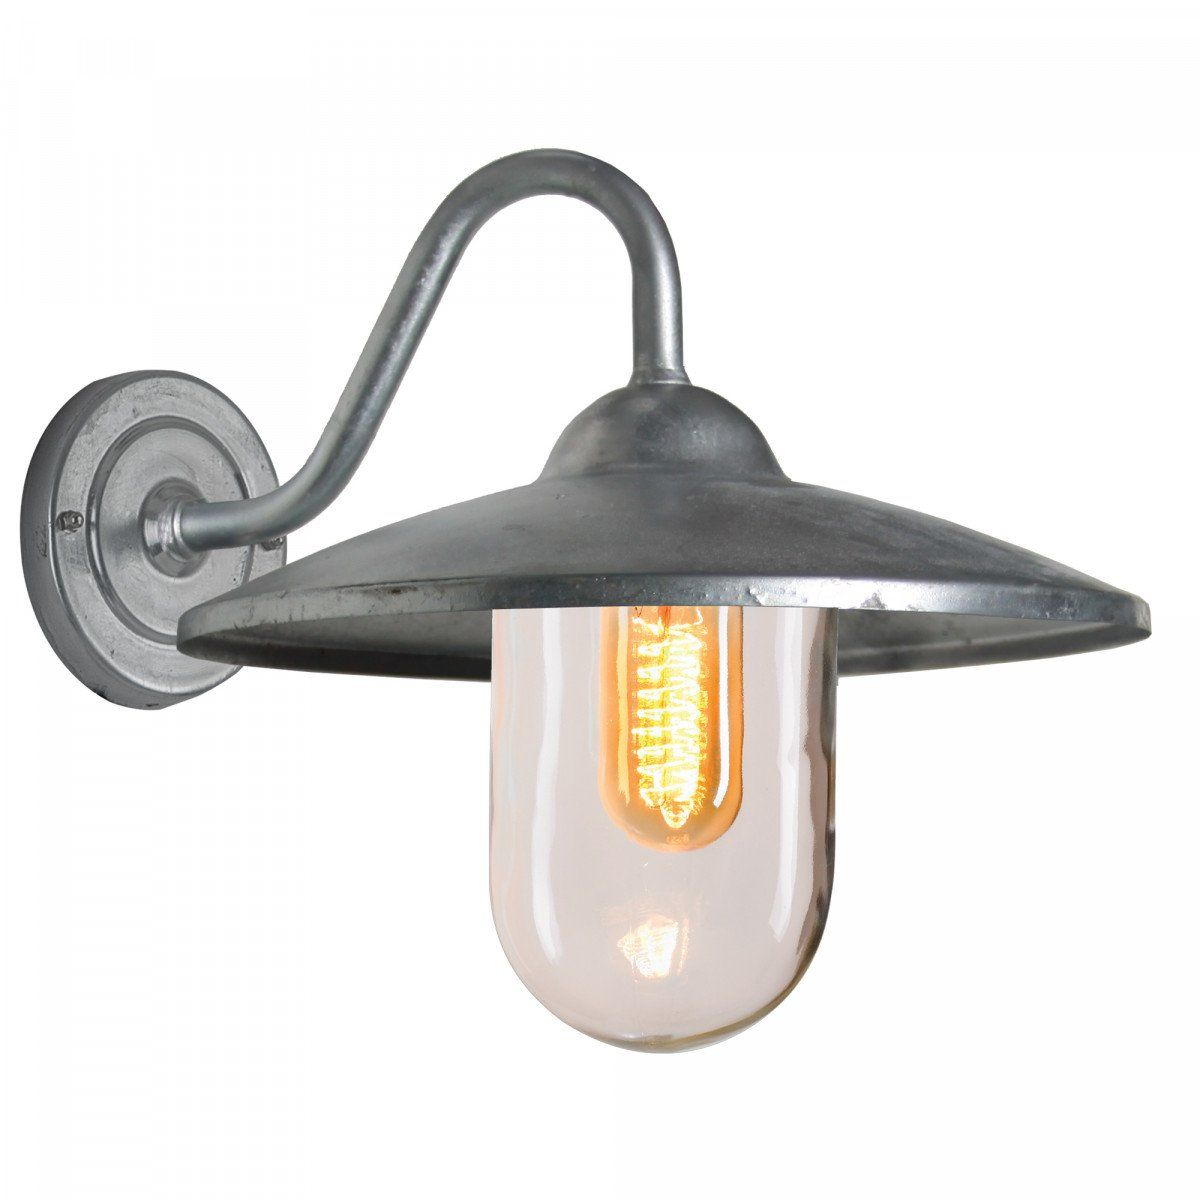 KS Verlichting buiten wandlamp Brig - zilvergrijs